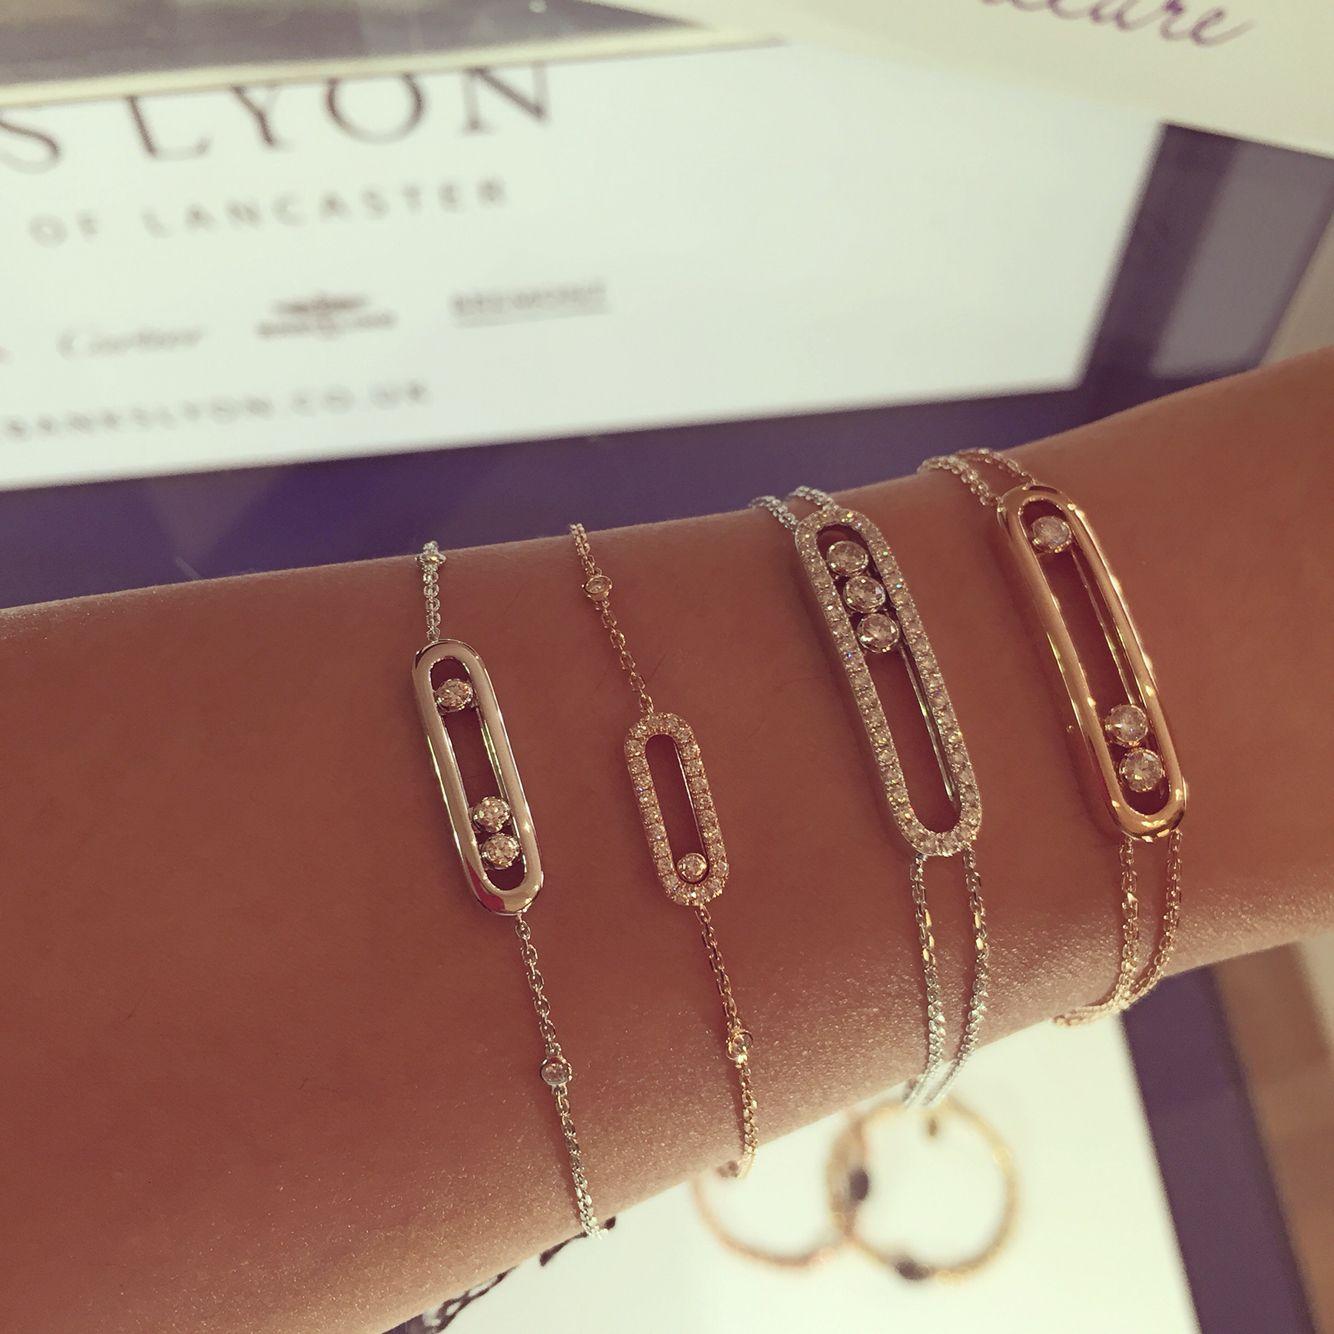 économiser jusqu'à 80% magasin en ligne grande remise pour Beautiful #messika bracelets just arrived into stock #simply ...